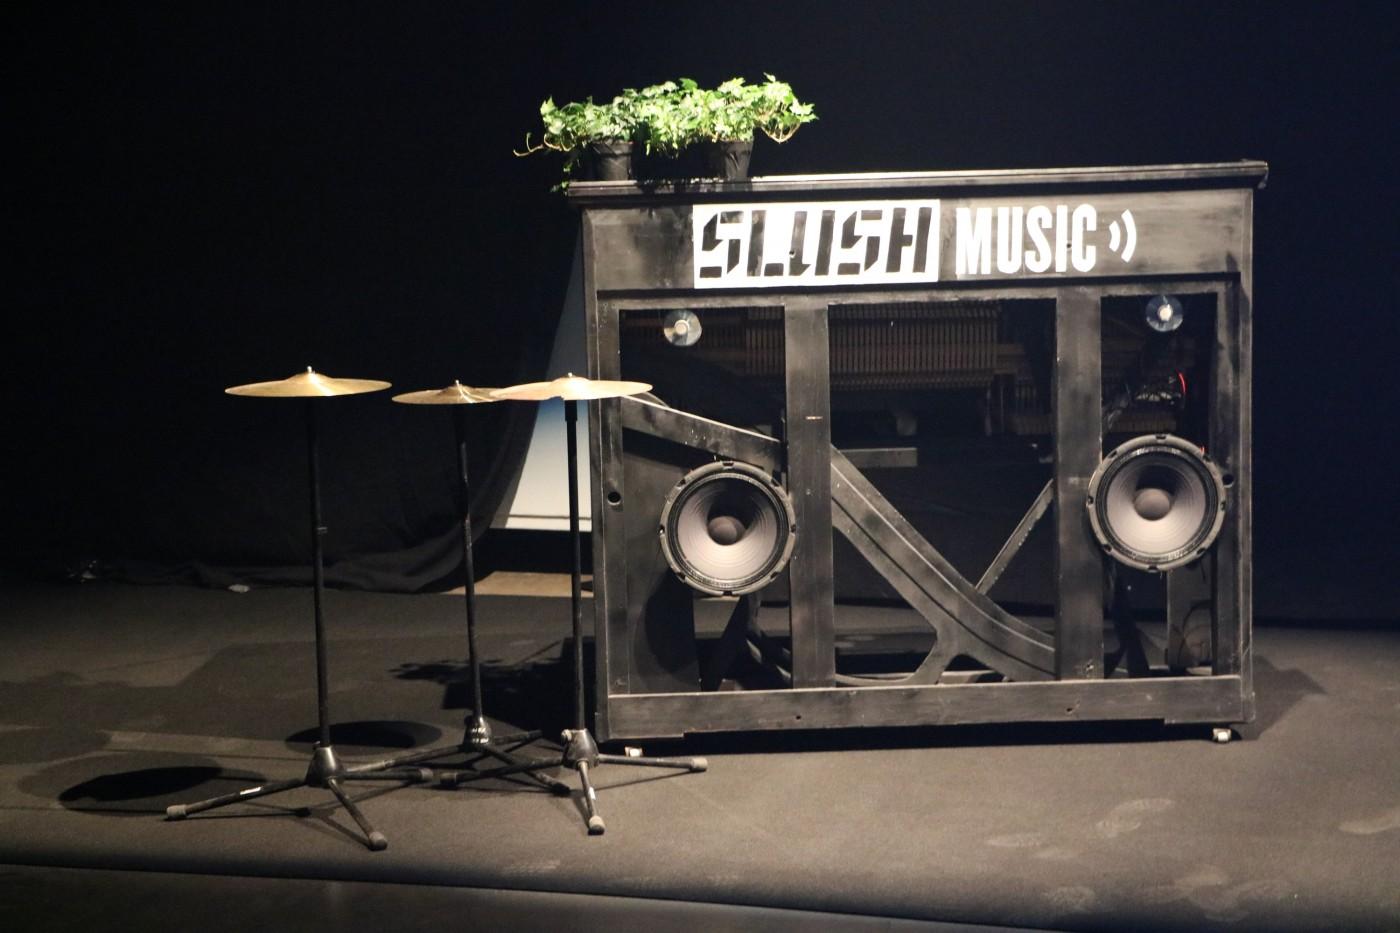 【芬蘭現場】結合新創與科技!Slush Music掀起歐洲最大的音樂產業革命